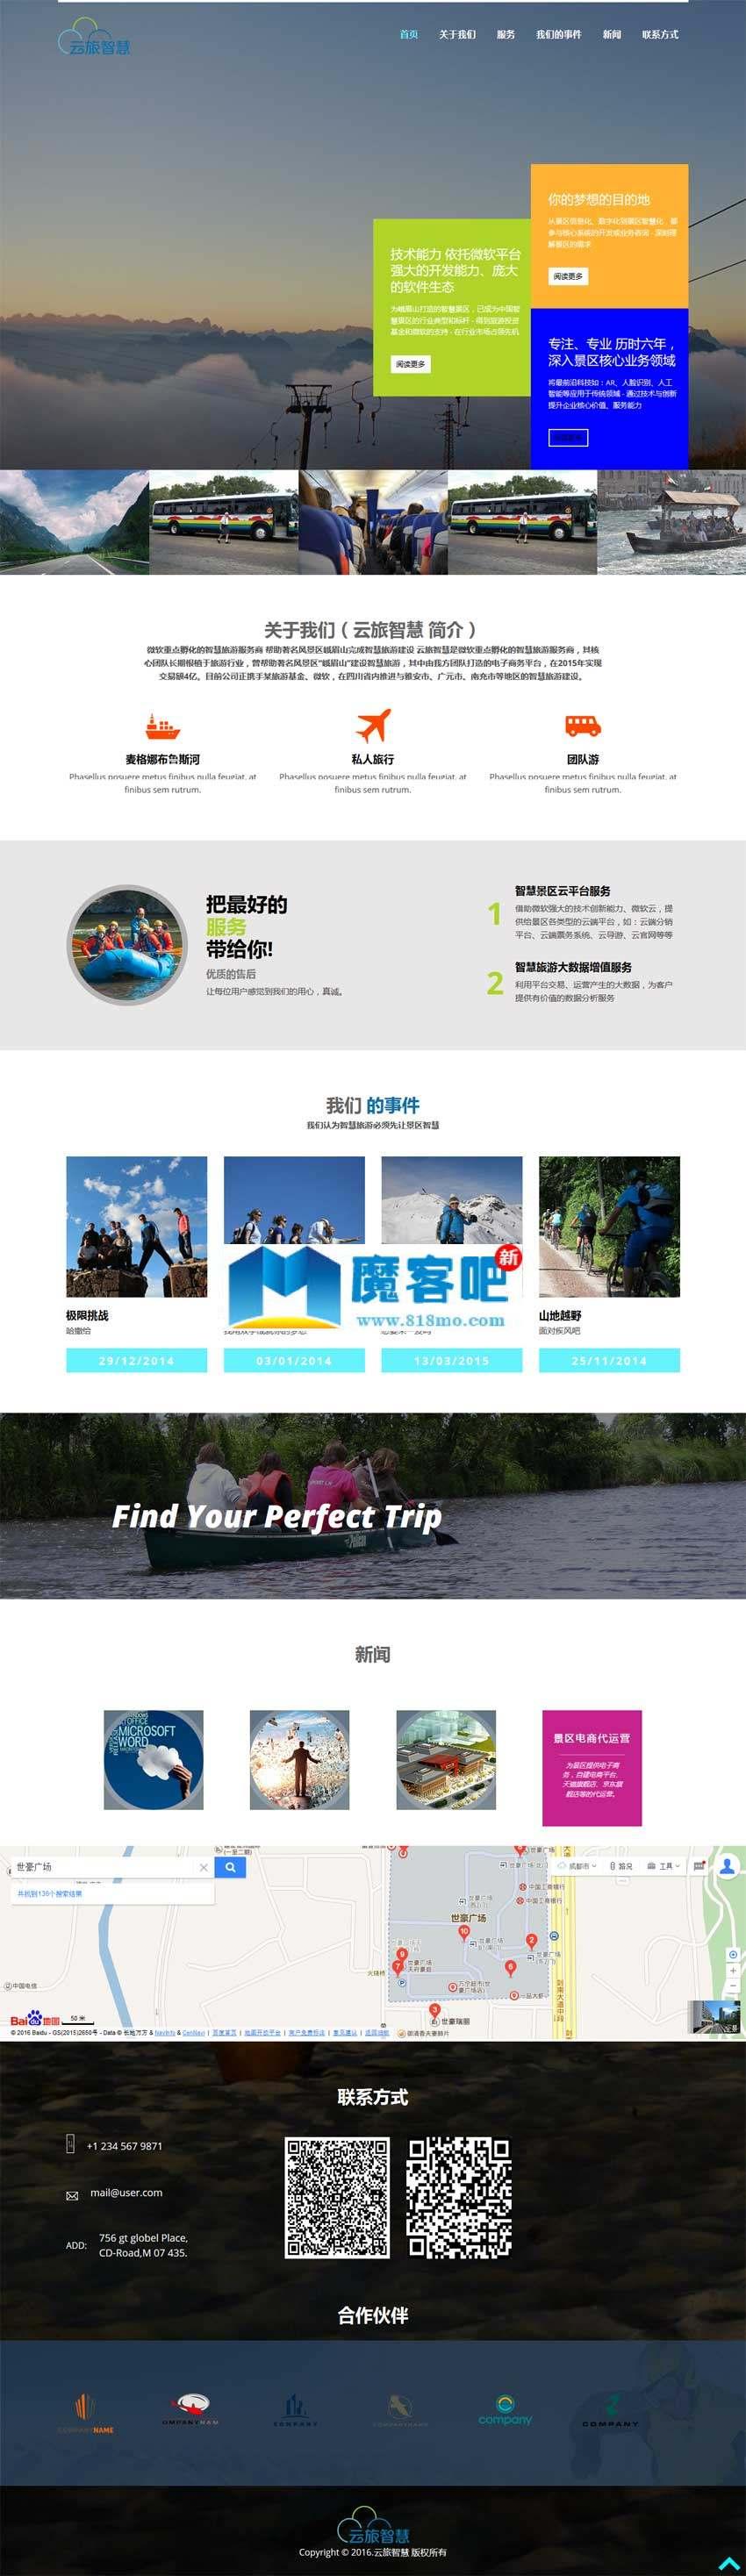 """大气宽屏的旅游公司介绍单页模板"""""""